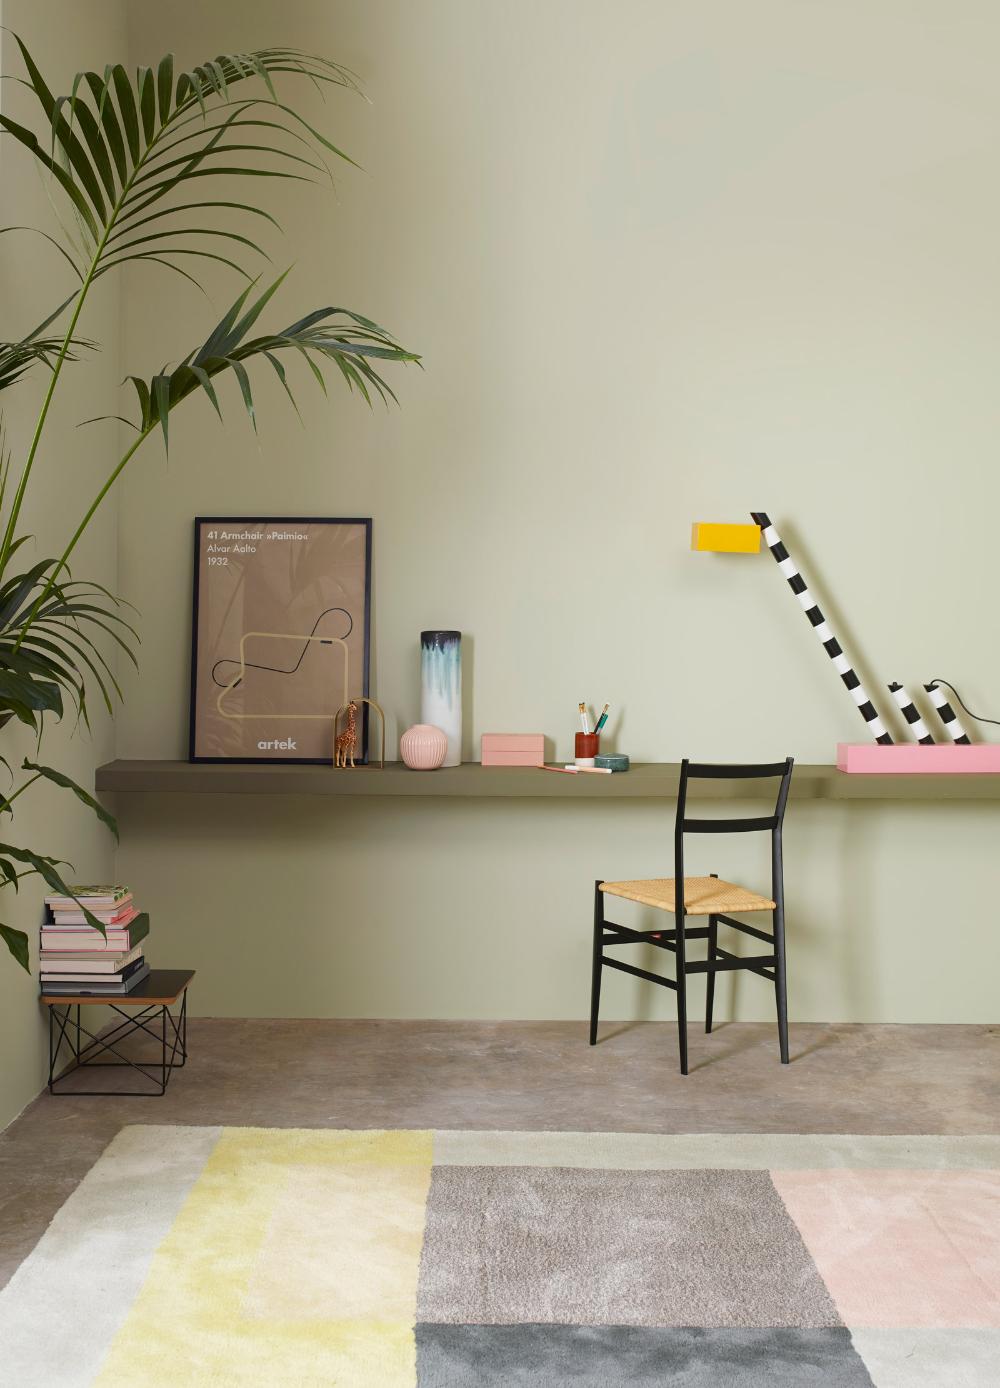 دهانات جوتن ودرجات الألوان للحوائط وكيفية استخدامها بشكل صحيح Living Room Colors Living Room Color Brown Living Room Decor